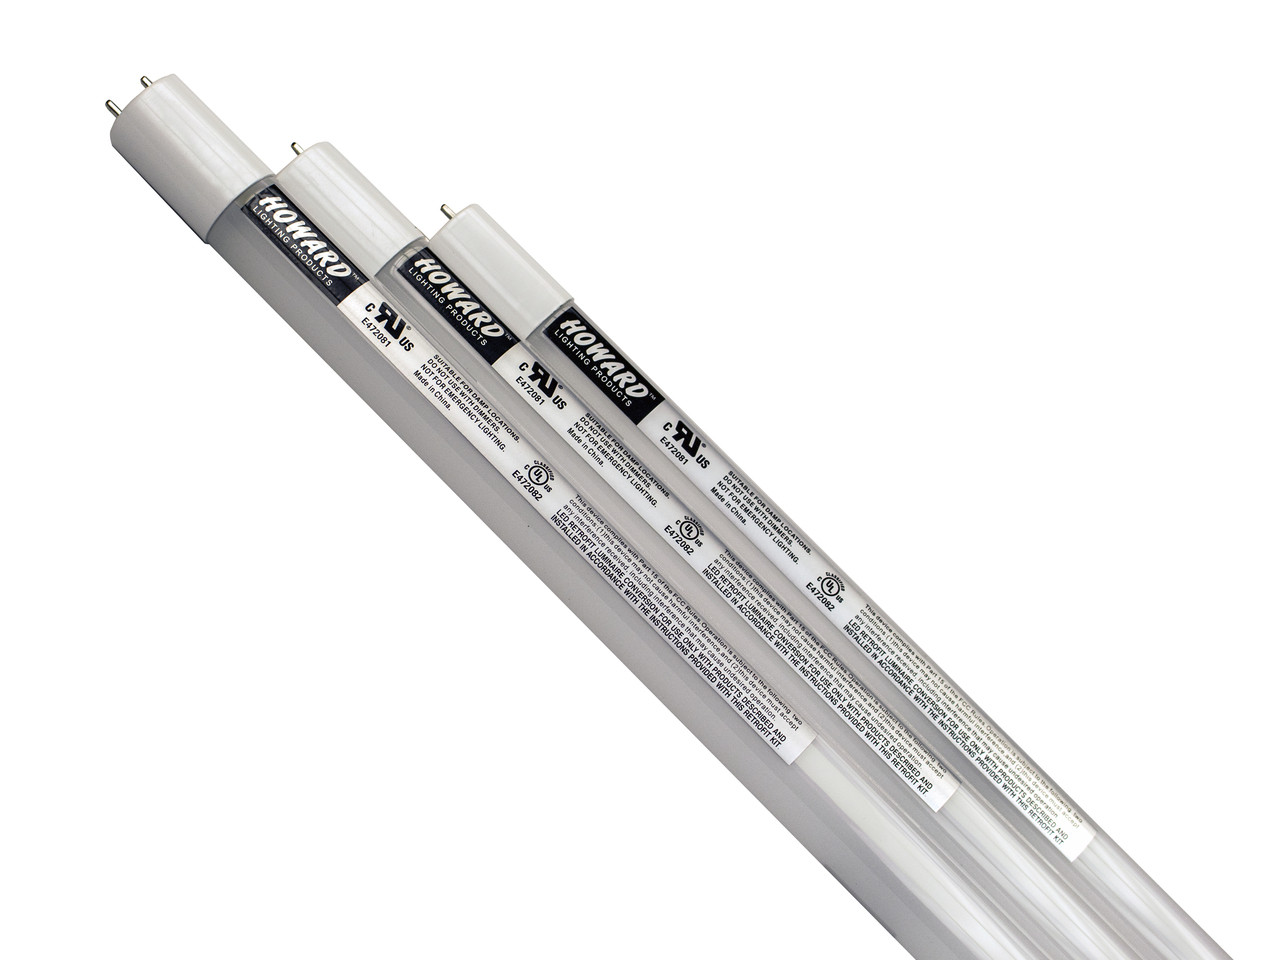 HOWARD LIGHTING F32T8/840LED/12 5/AC LED T8 LINE-V 12 5W LAMP, 840, 120-277V